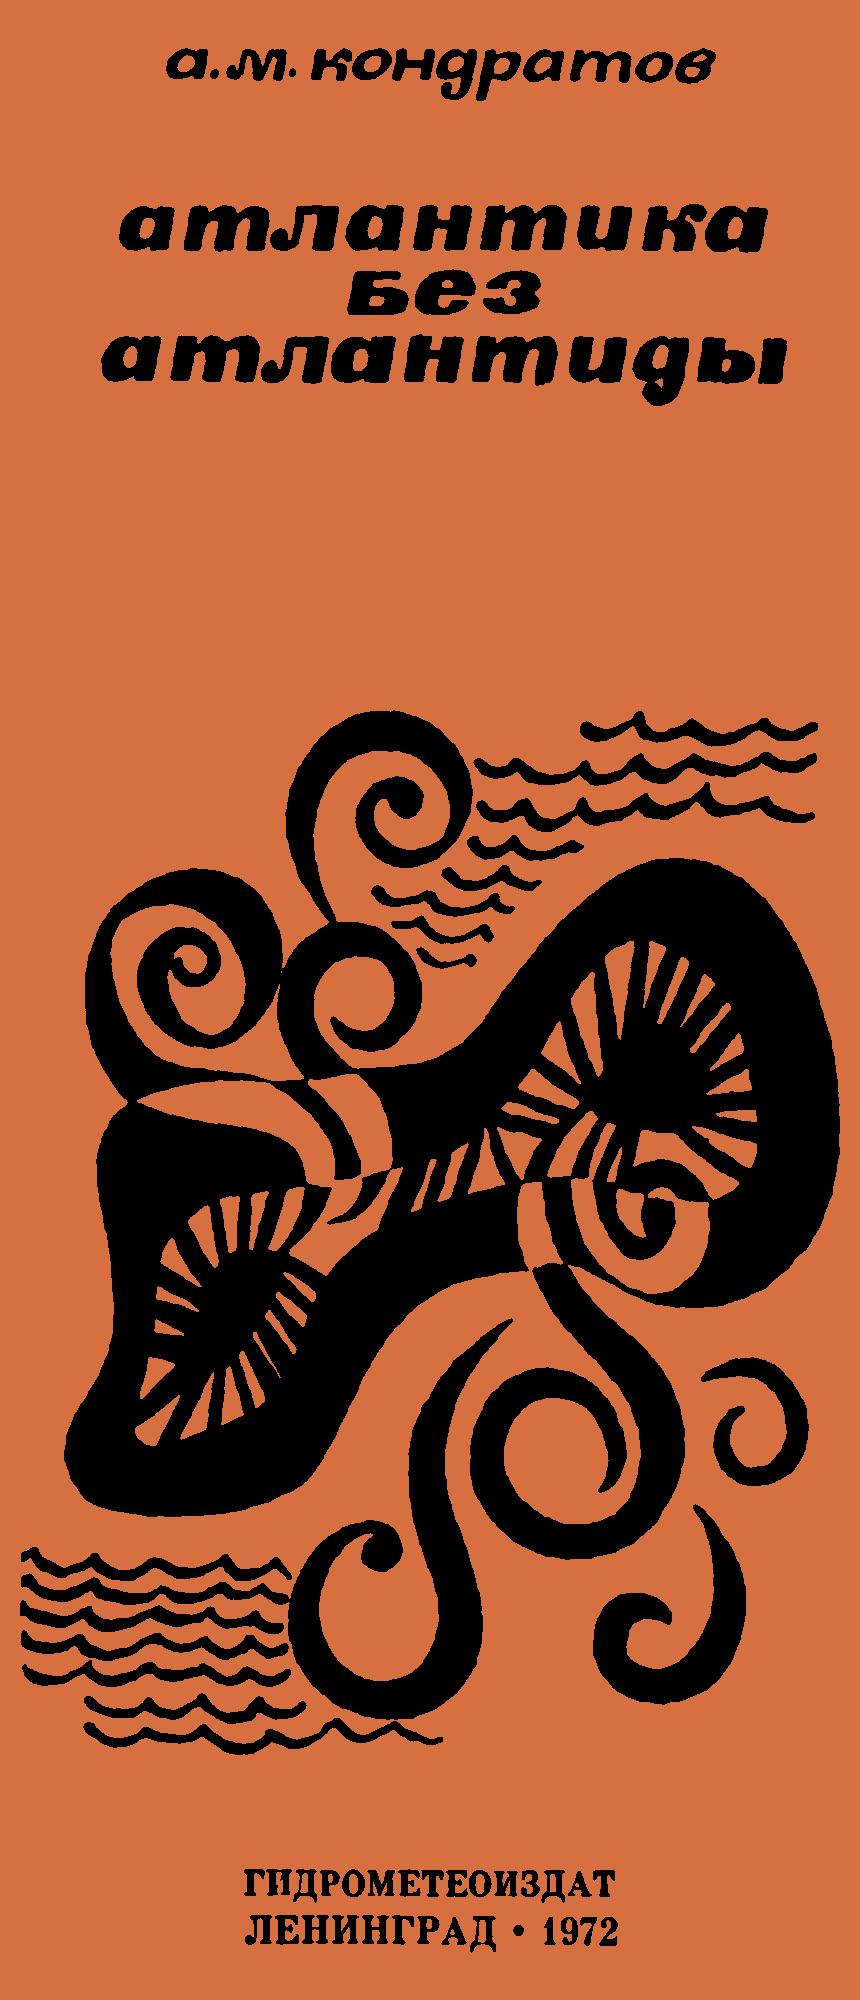 Изображение к книге Атлантика без Атлантиды